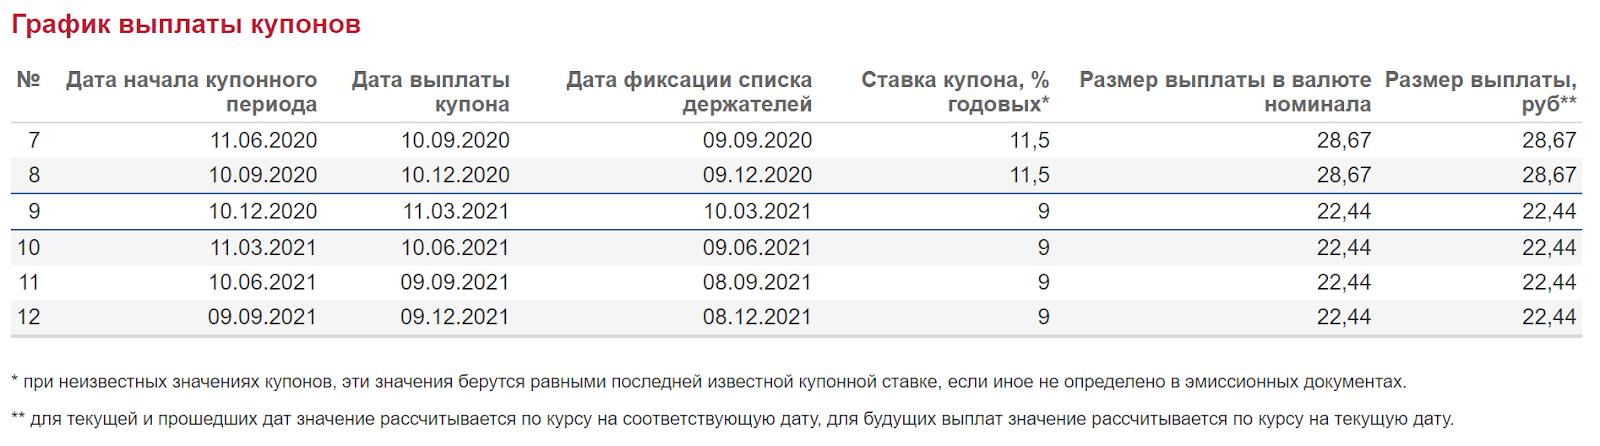 График выплаты купонов ВсеИнструменты.ру ООО БО-01 (RU000A0ZZXT0) с сайта Мосбиржи